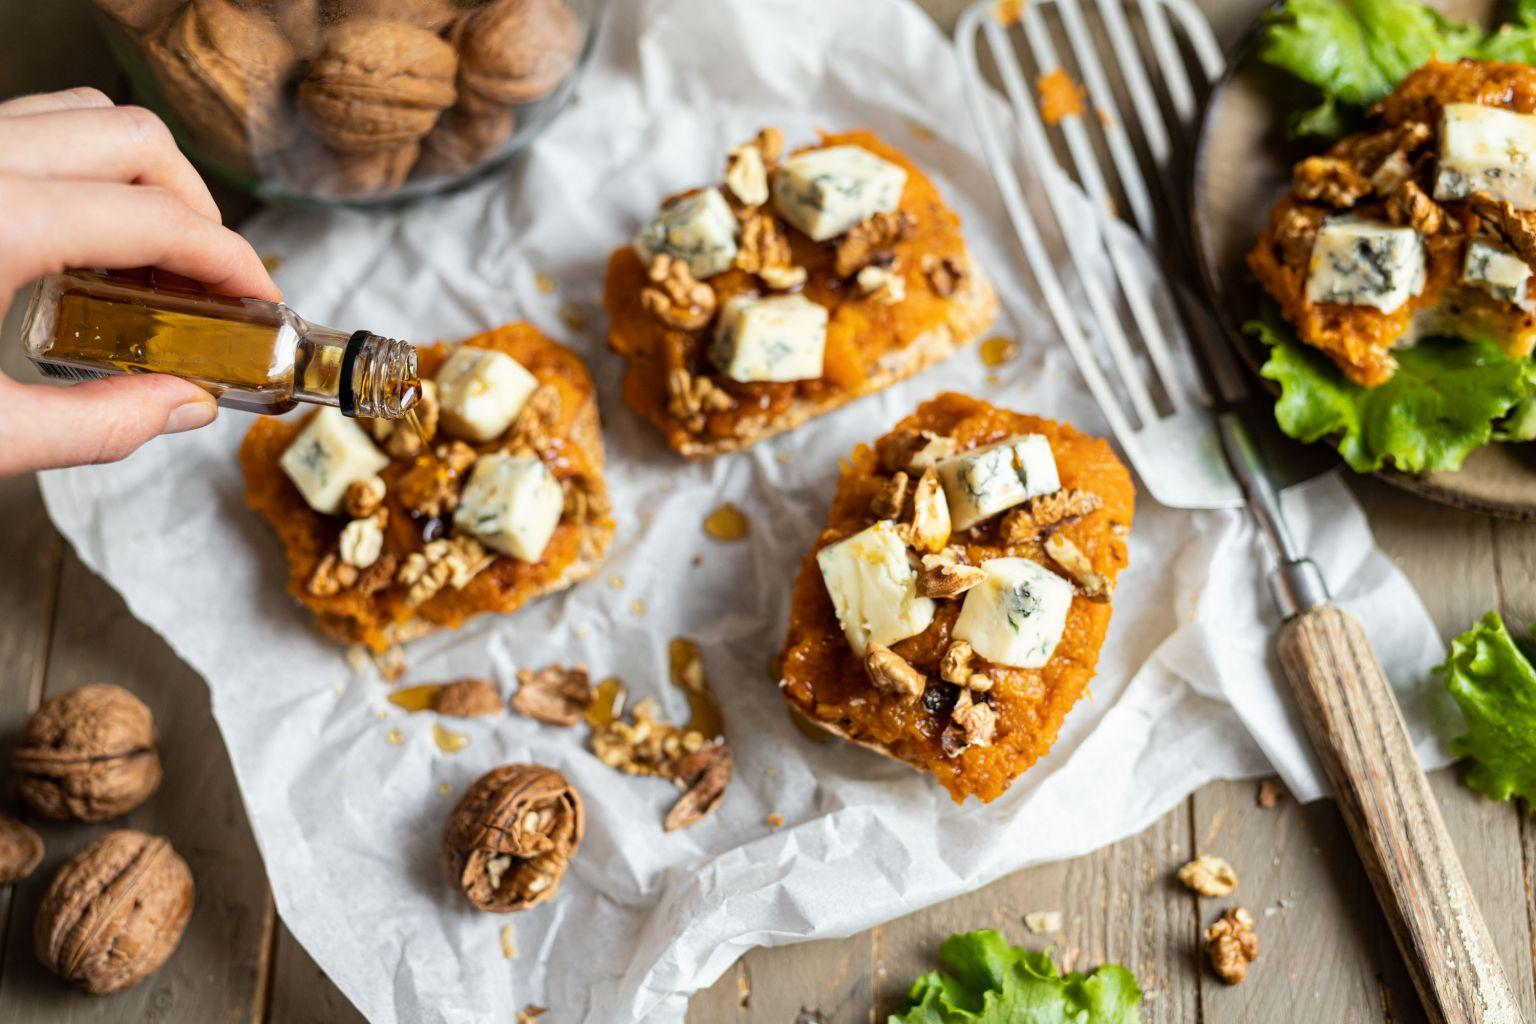 Tartines de butternut au gorgonzola AOP, sirop d'érable et noix